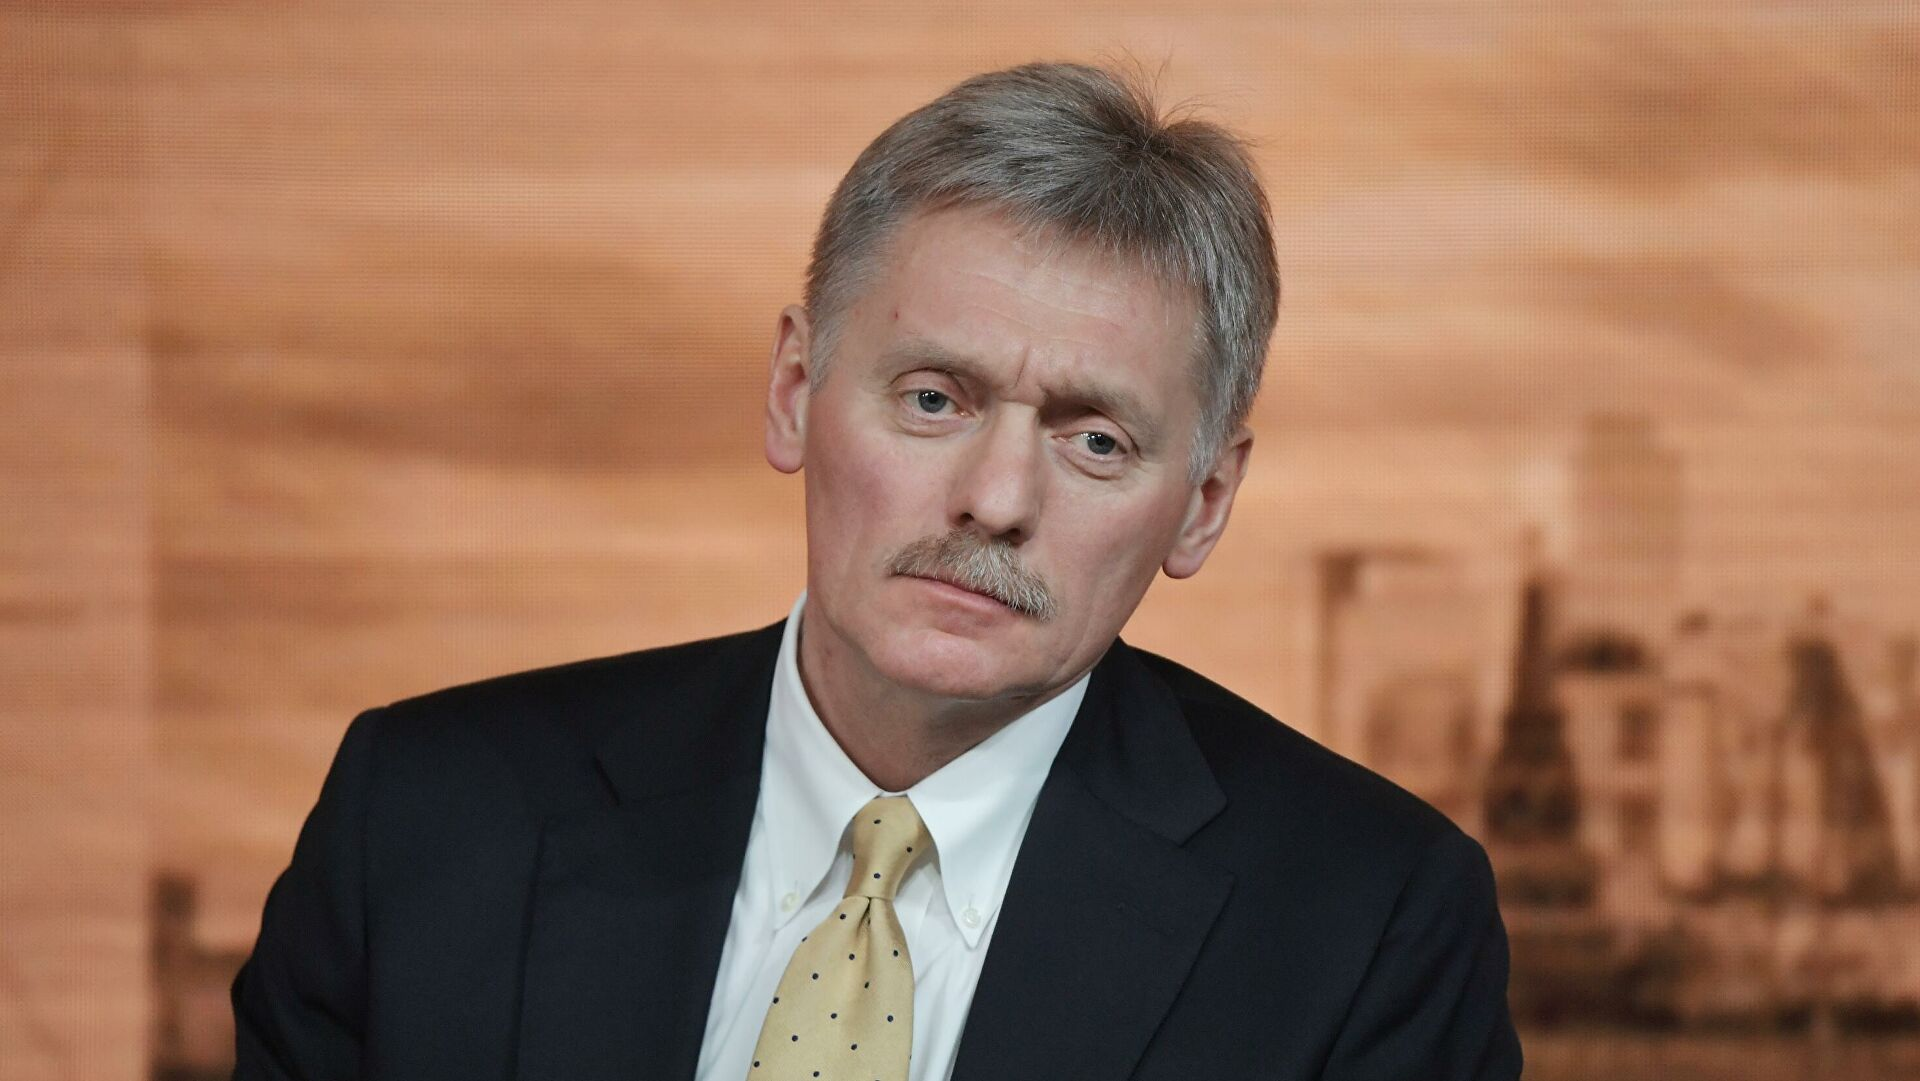 Песков: Белорусија и Русија заједно представљају сталну мету и објекат напада из других земаља